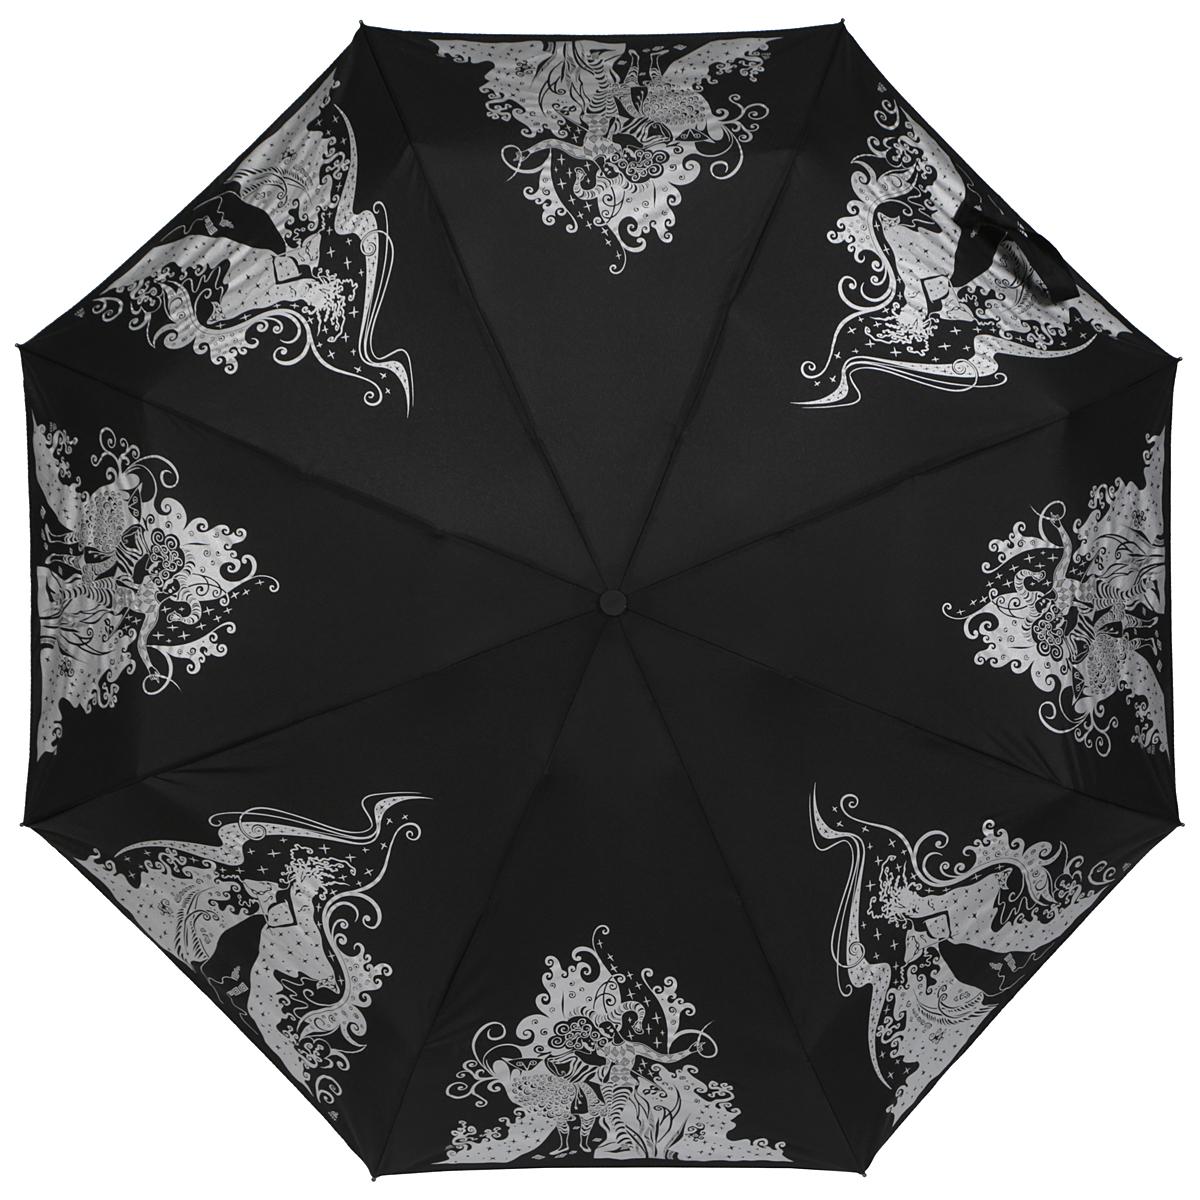 Зонт женский Zest, автомат, 4 сложения, цвет: черный, серебряный. 24759-133824759-1338Оригинальный автоматический зонт Zest в 4 сложения изготовлен из высокопрочных материалов. Каркас зонта состоит из 8 спиц и прочного алюминиевого стержня. Специальная система Windproof защищает его от поломок во время сильных порывов ветра. Купол зонта выполнен из прочного полиэстера с водоотталкивающей пропиткой и оформлен изображением девушек в цирковых костюмах и девушки в маскарадном платье. Используемые высококачественные красители обеспечивают длительное сохранение свойств ткани купола. Рукоятка, разработанная с учетом требований эргономики, выполнена из пластика. Зонт имеет полный автоматический механизм сложения: купол открывается и закрывается нажатием кнопки на рукоятке, стержень складывается вручную до характерного щелчка. Благодаря этому открыть и закрыть зонт можно одной рукой, что чрезвычайно удобно при входе в транспорт или помещение. Небольшой шнурок, расположенный на рукоятке, позволяет надеть изделие на руку при необходимости. Модель закрывается при...